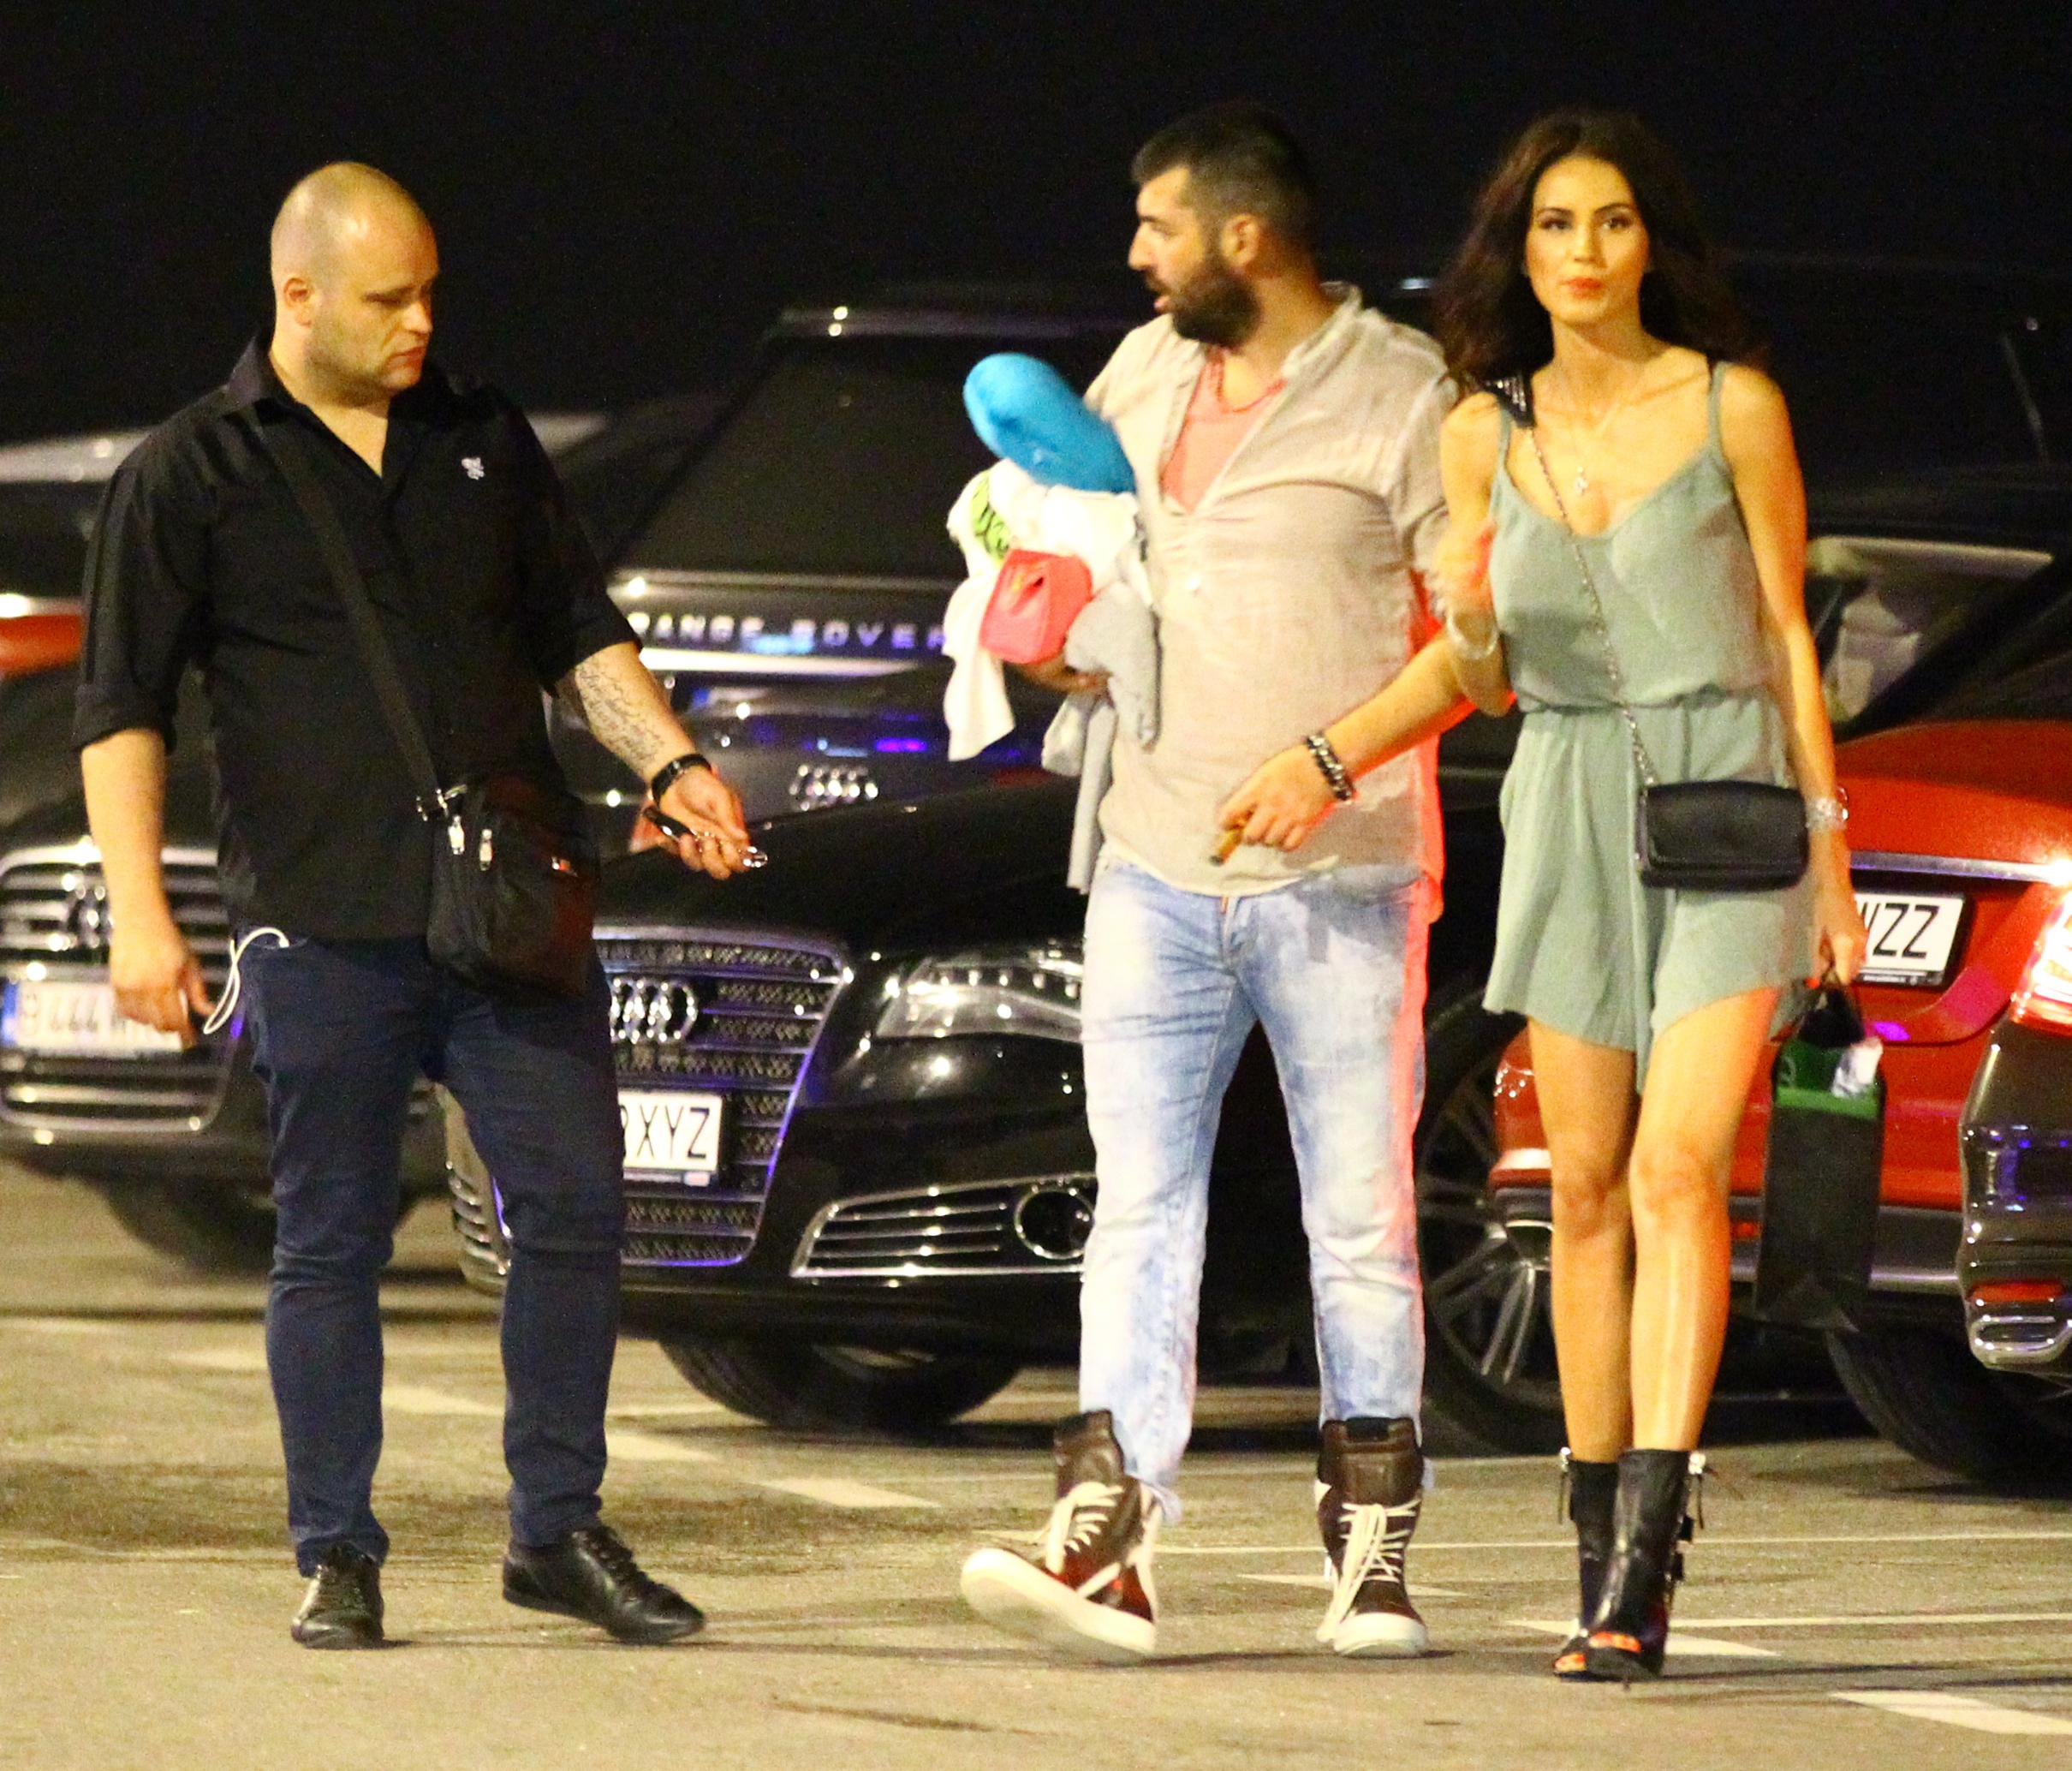 Cei doi iubiti si-au luat cateva lucruri din masina, lasand autoturismul in parcarea clubului